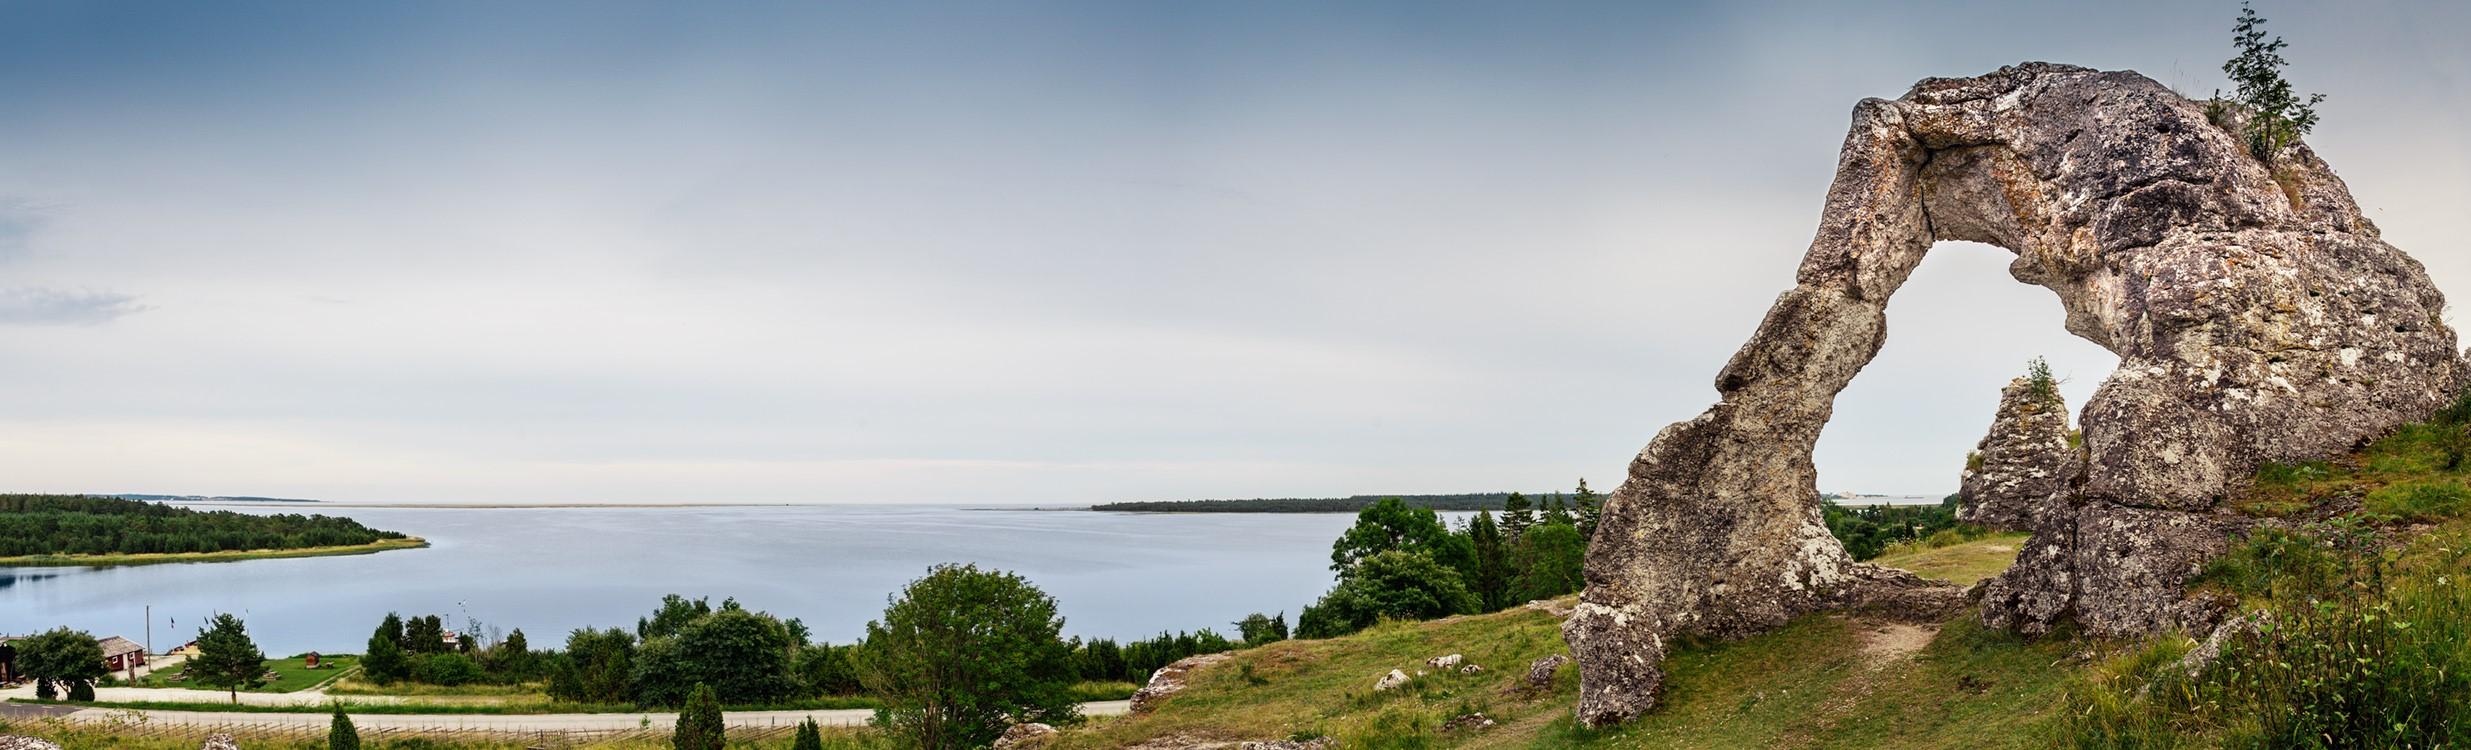 Den store Gotlandstur, august, Gotland fra nord til syd